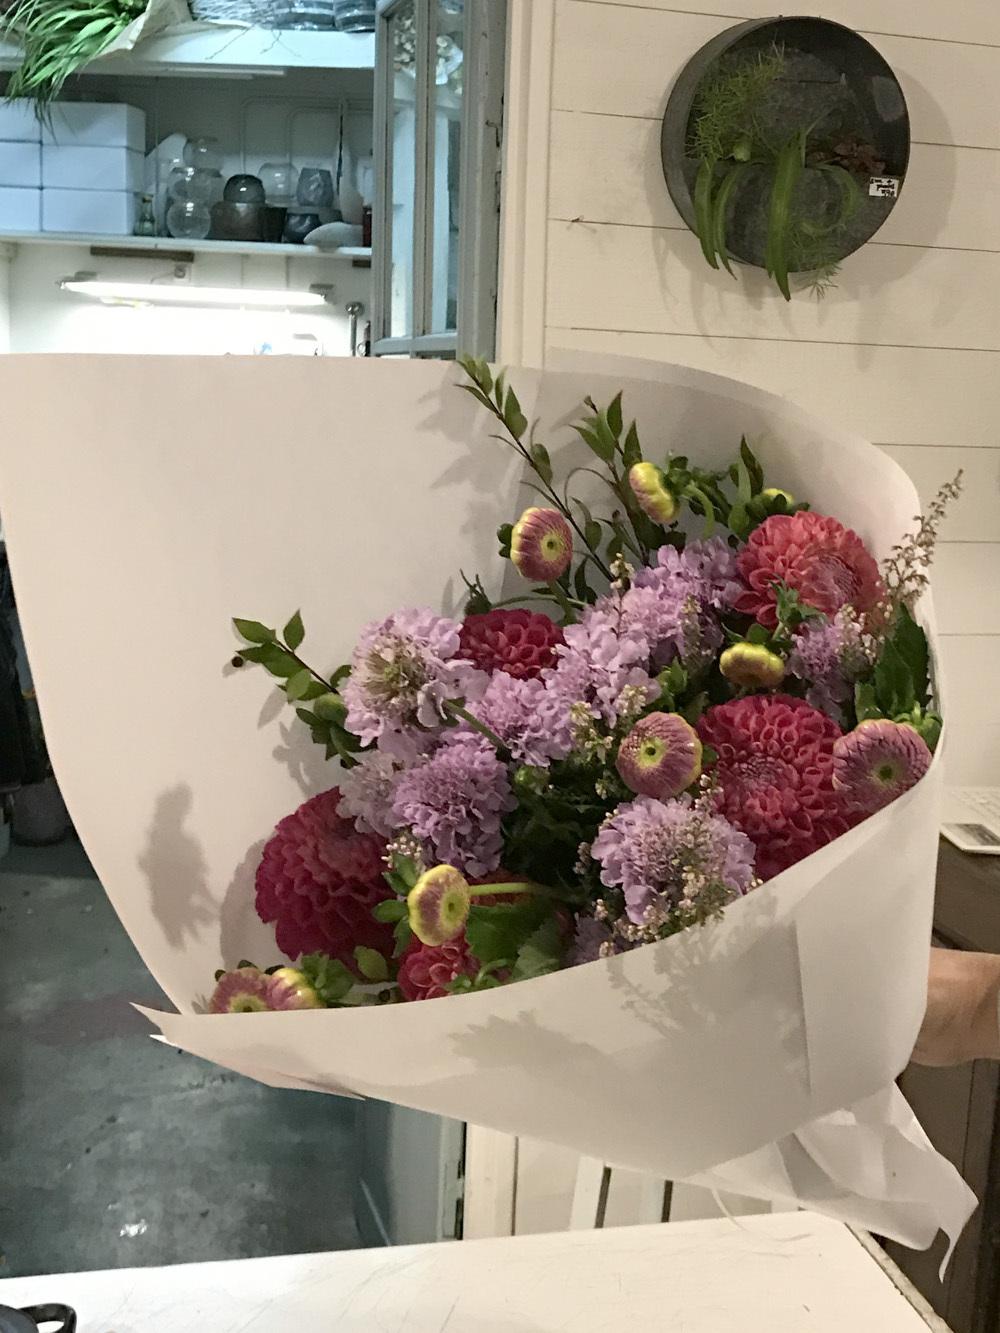 パリのお花屋さん・marianne のバースデー(パリ便り その2)_c0176078_15060814.jpg